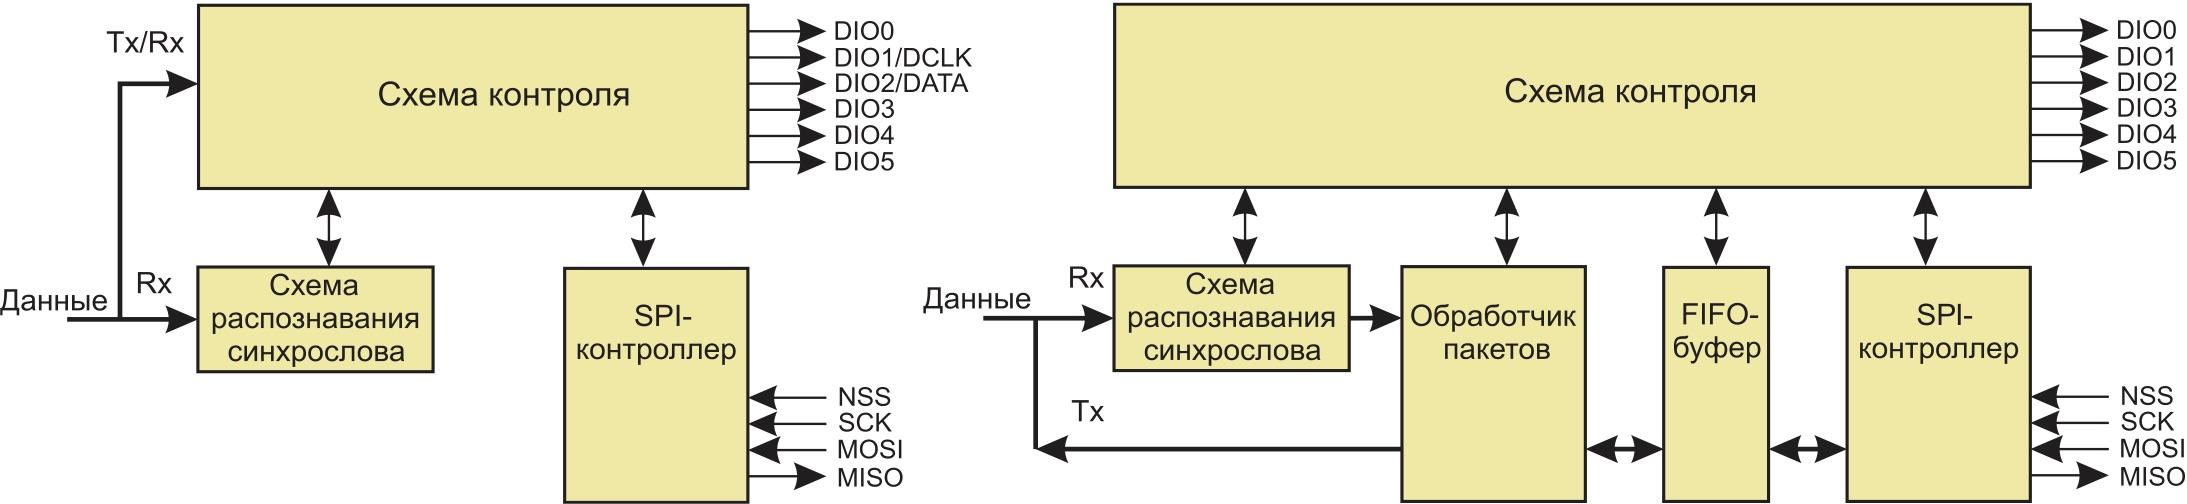 Блок обработки и формирования данных в непрерывном (а) и пакетном (б) режимах